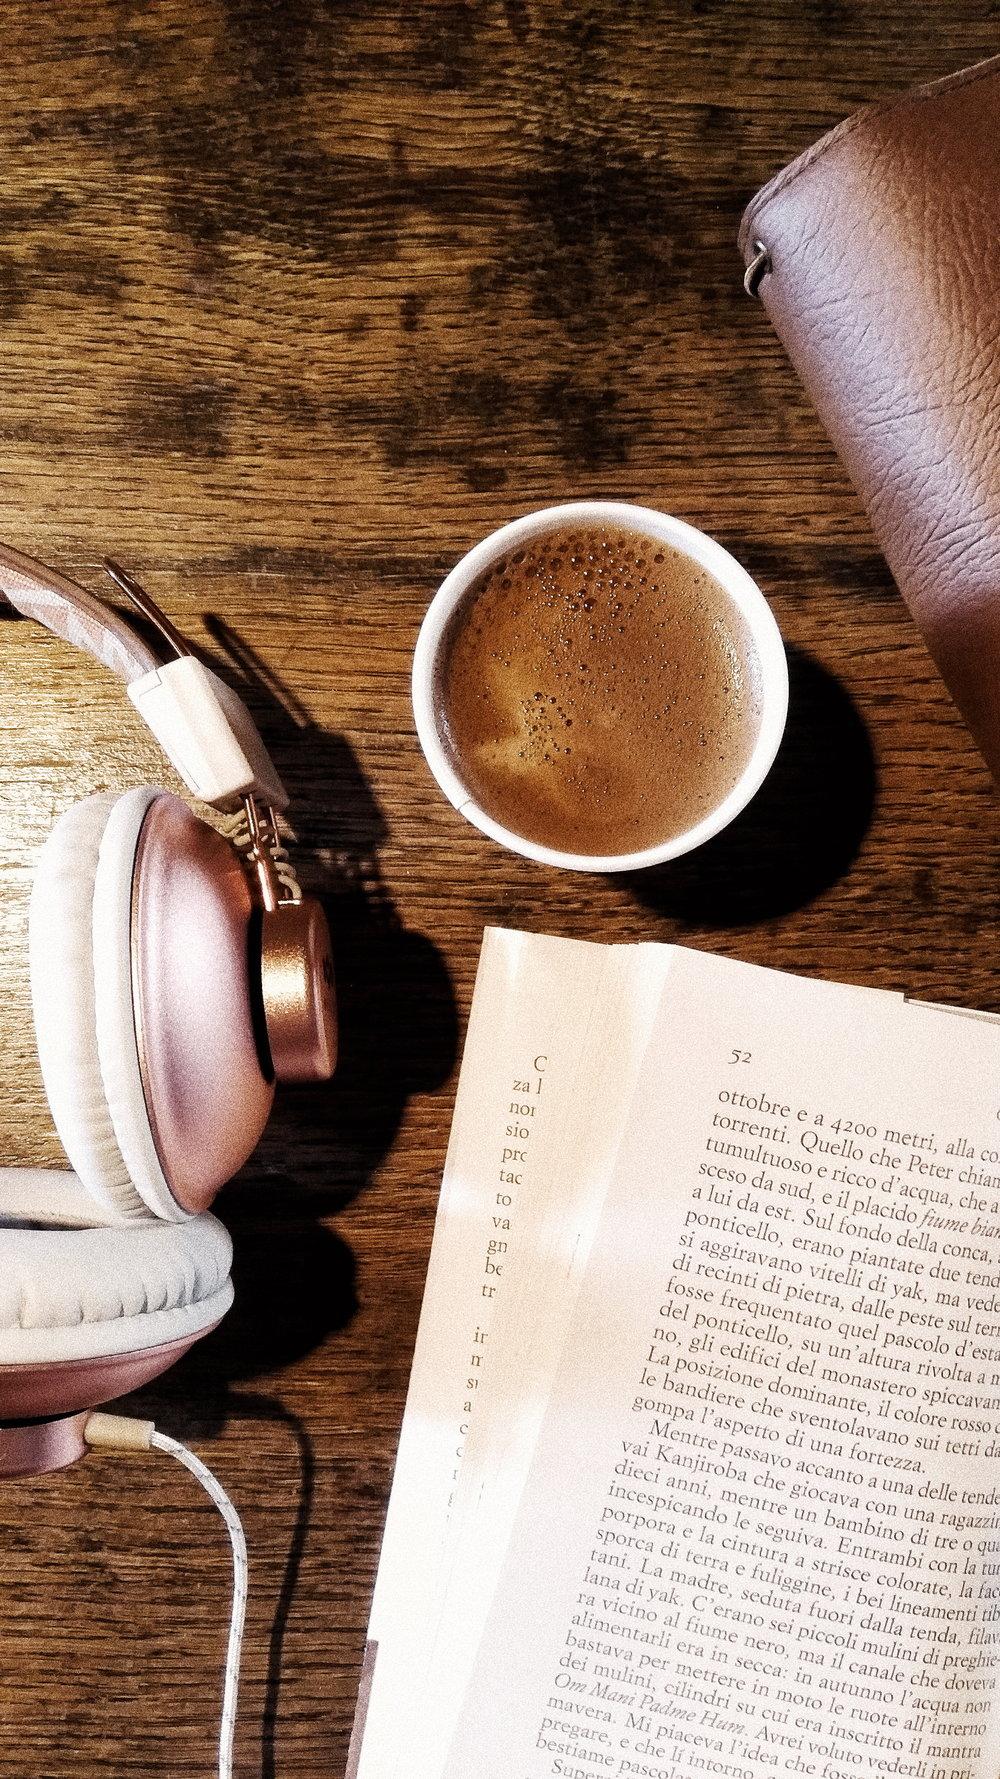 Coffee break made of music, words and barley coffee with rice milk at  Radice Tonda .  Pausa caffè con musica, parole e caffè d'orzo con latte di riso da  Radice Tonda .